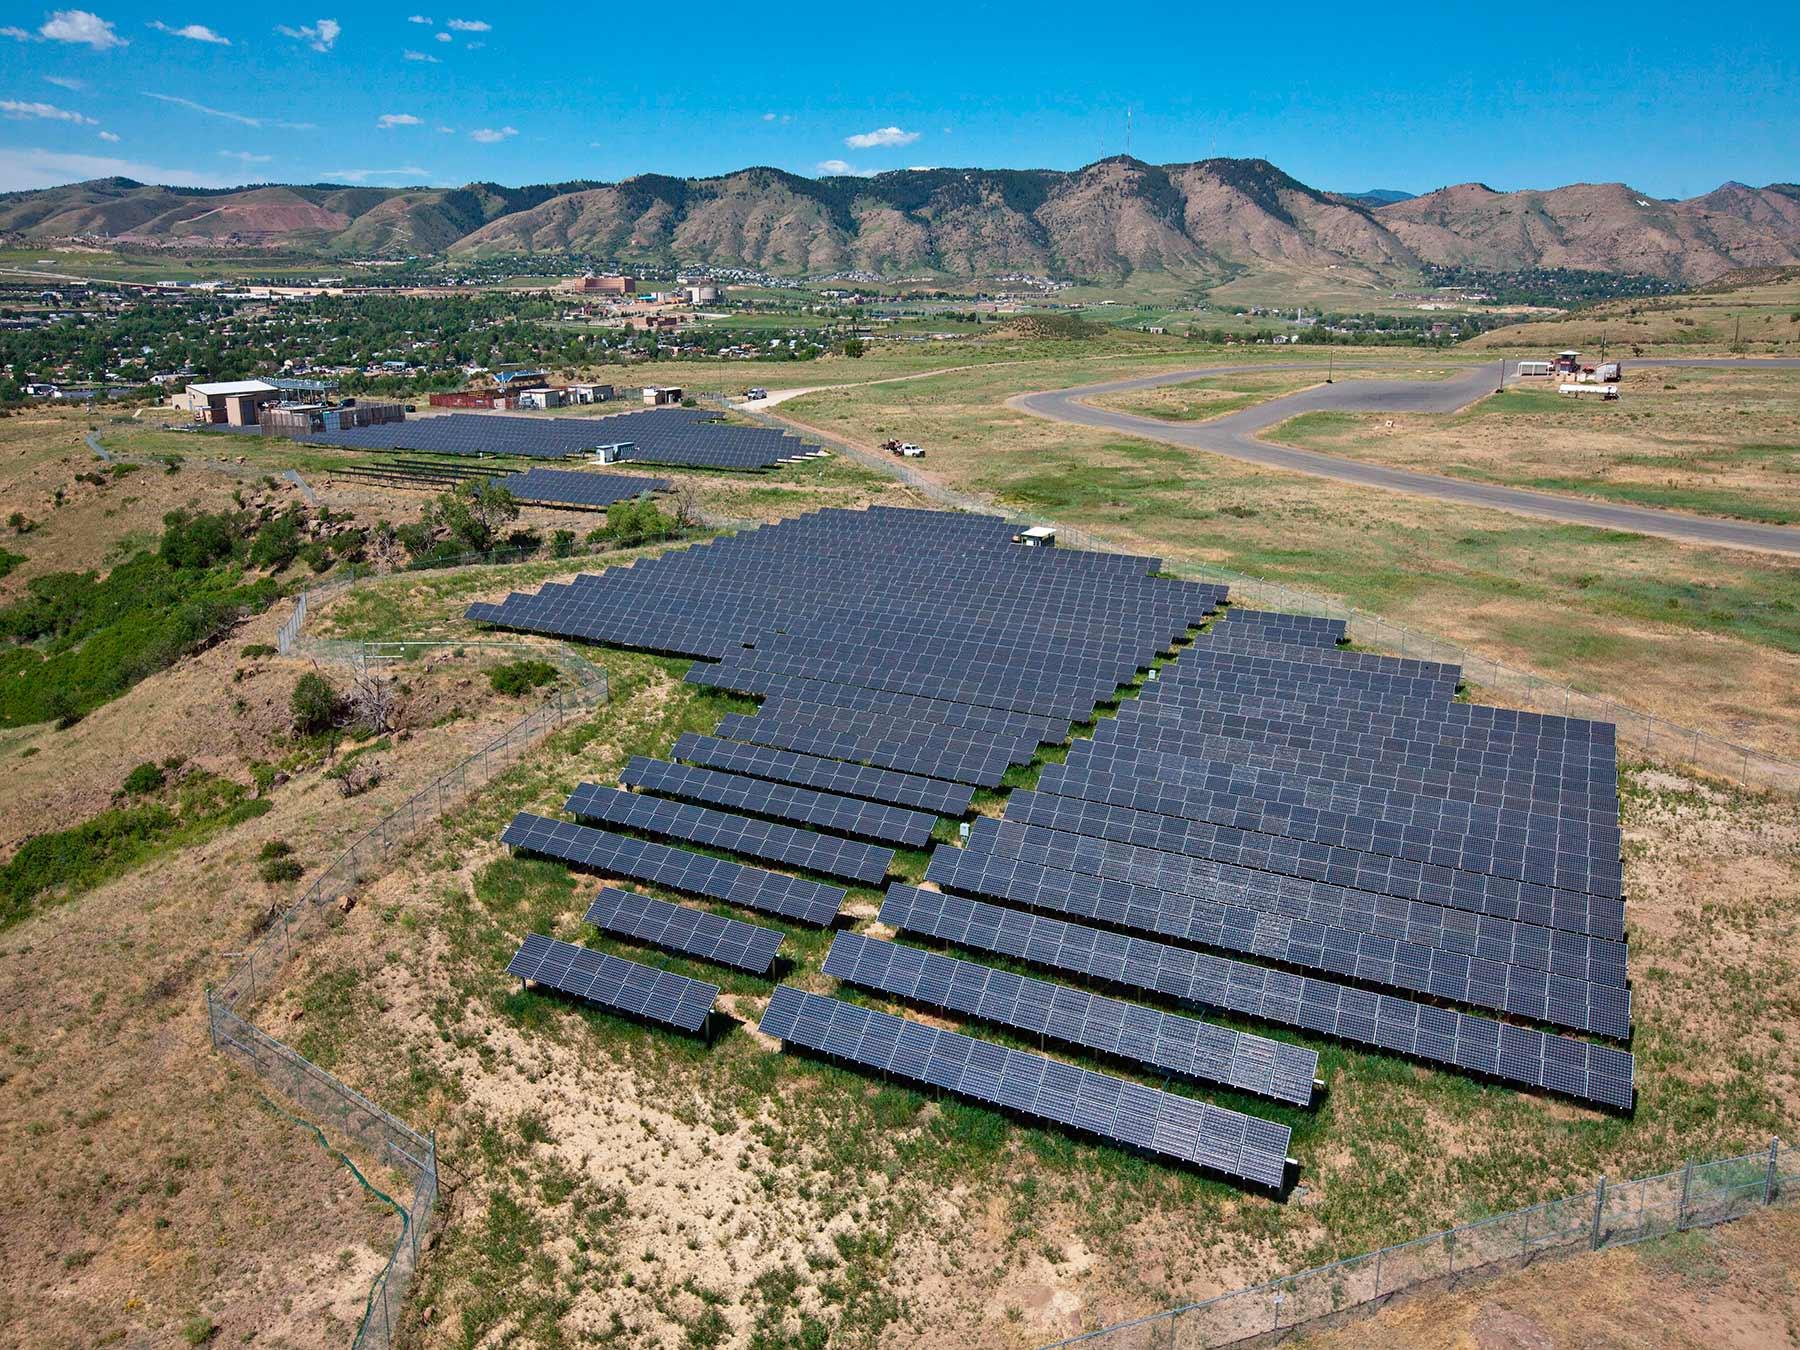 Фото: Локальная солнечная электростанция в распределенной сети, соединенная с общей стационарной электросетью, сообщество в South Table Mountain («Южная столовая гора», Колорадо, США). Проект реализован при поддержке Министерства энергетики США (U.S. Department of Energy, DOE).